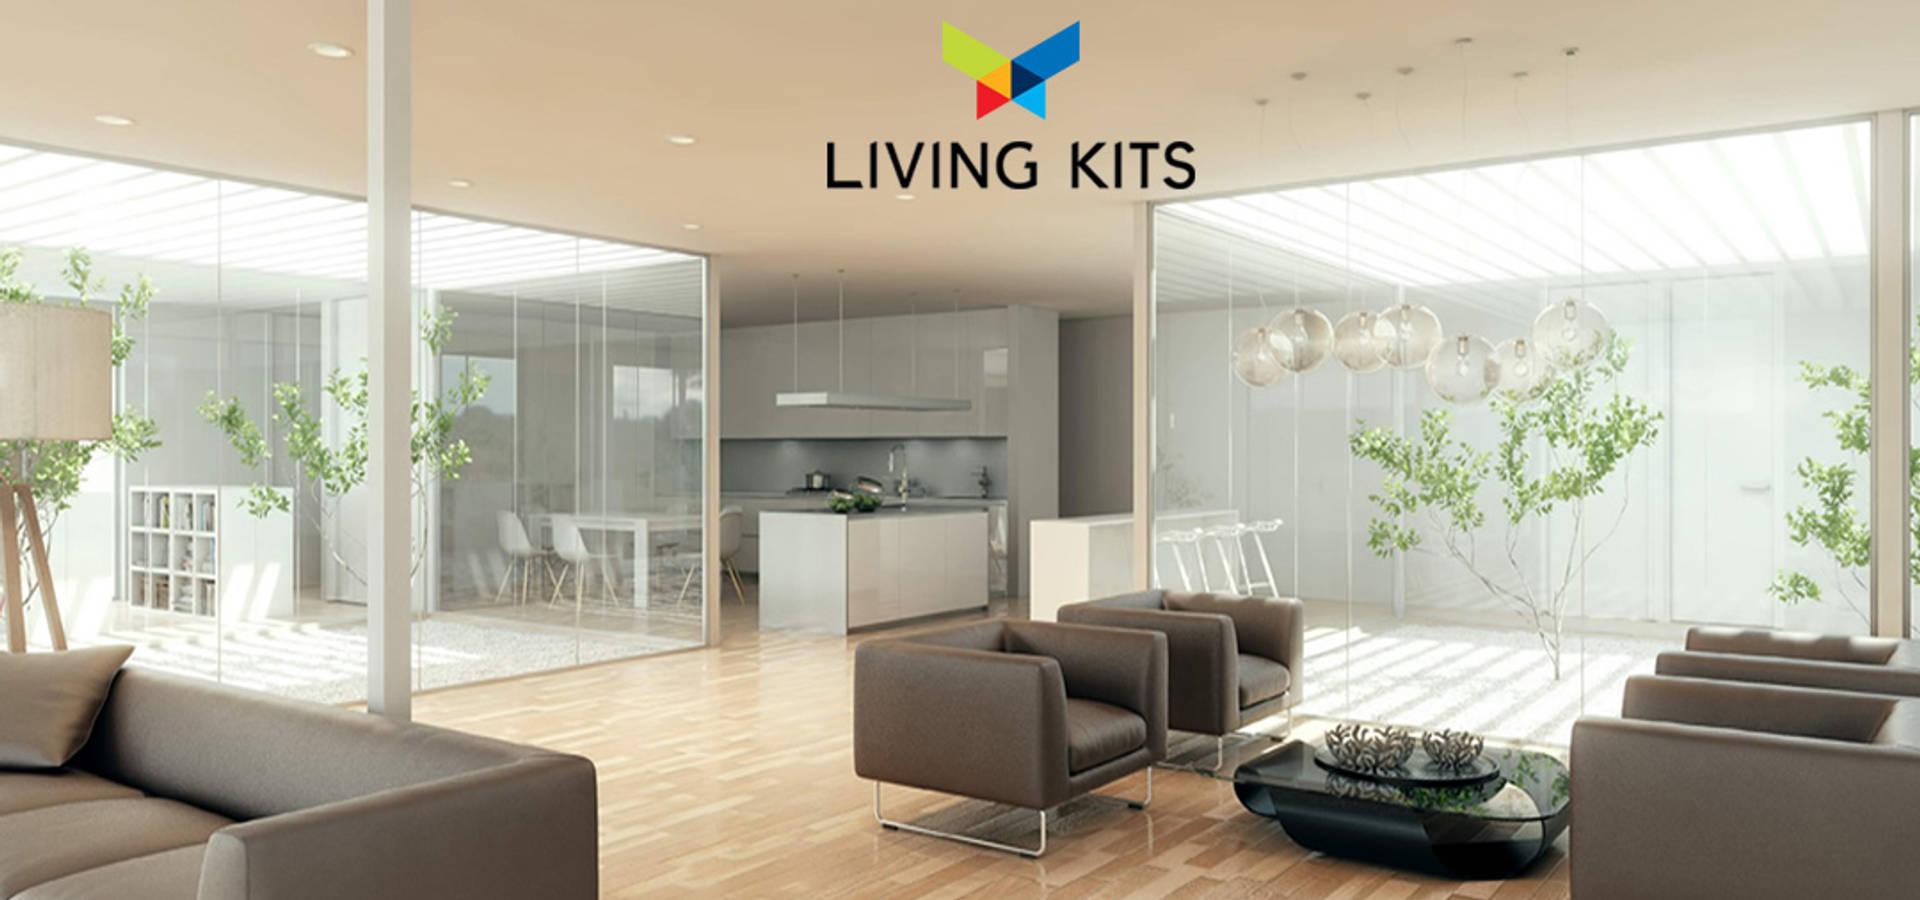 casa zen de casas modernas living kits homify